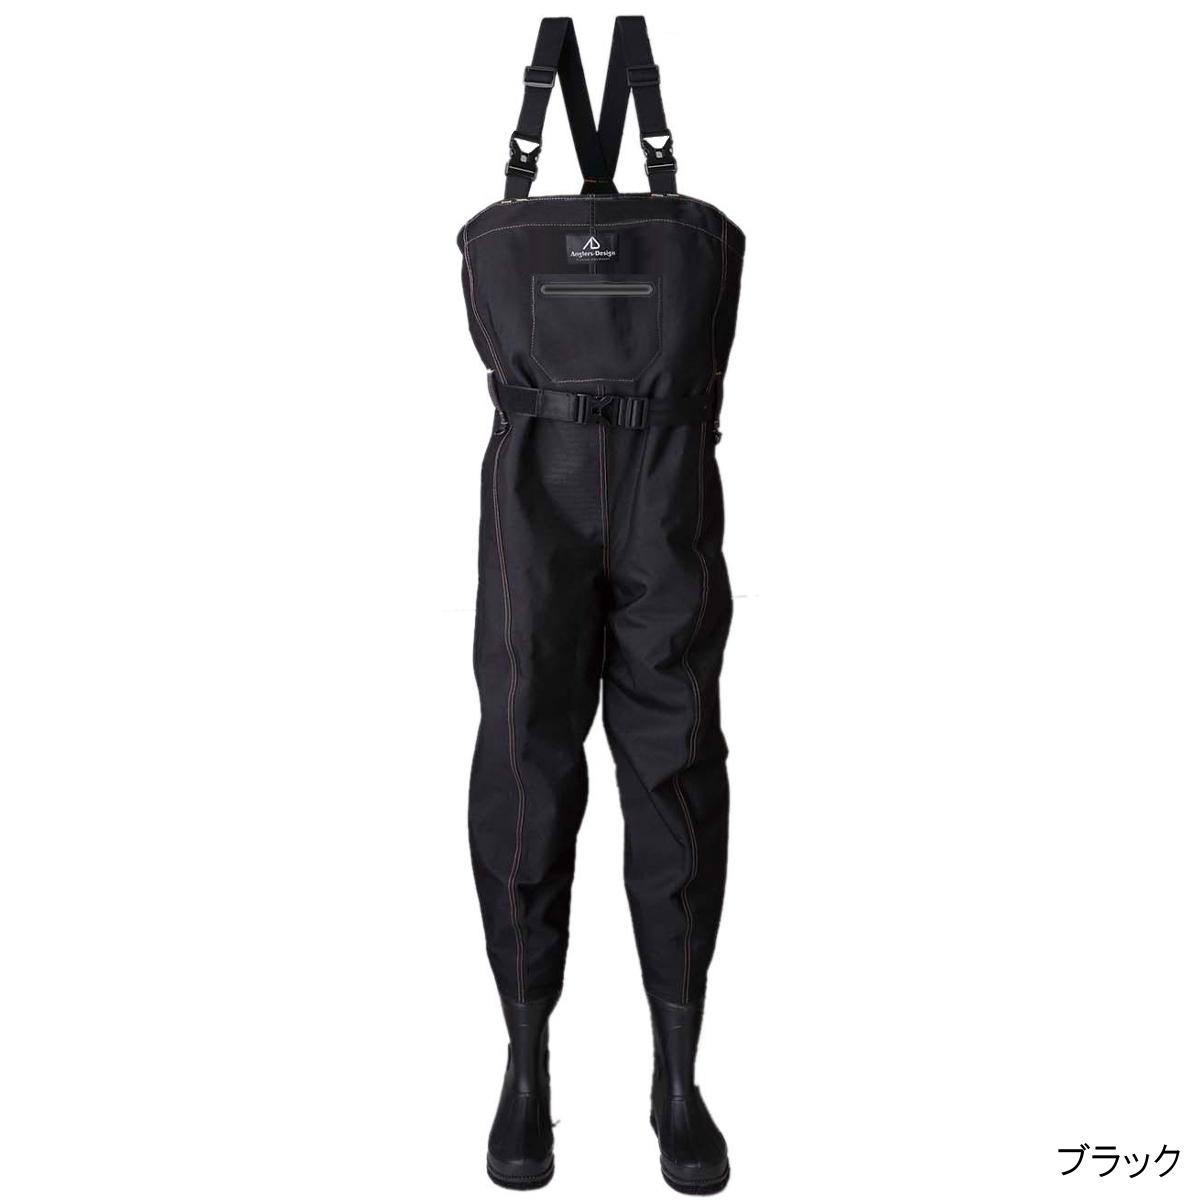 トライアルブーツフットウェーダー ADW-11 M ブラック【送料無料】